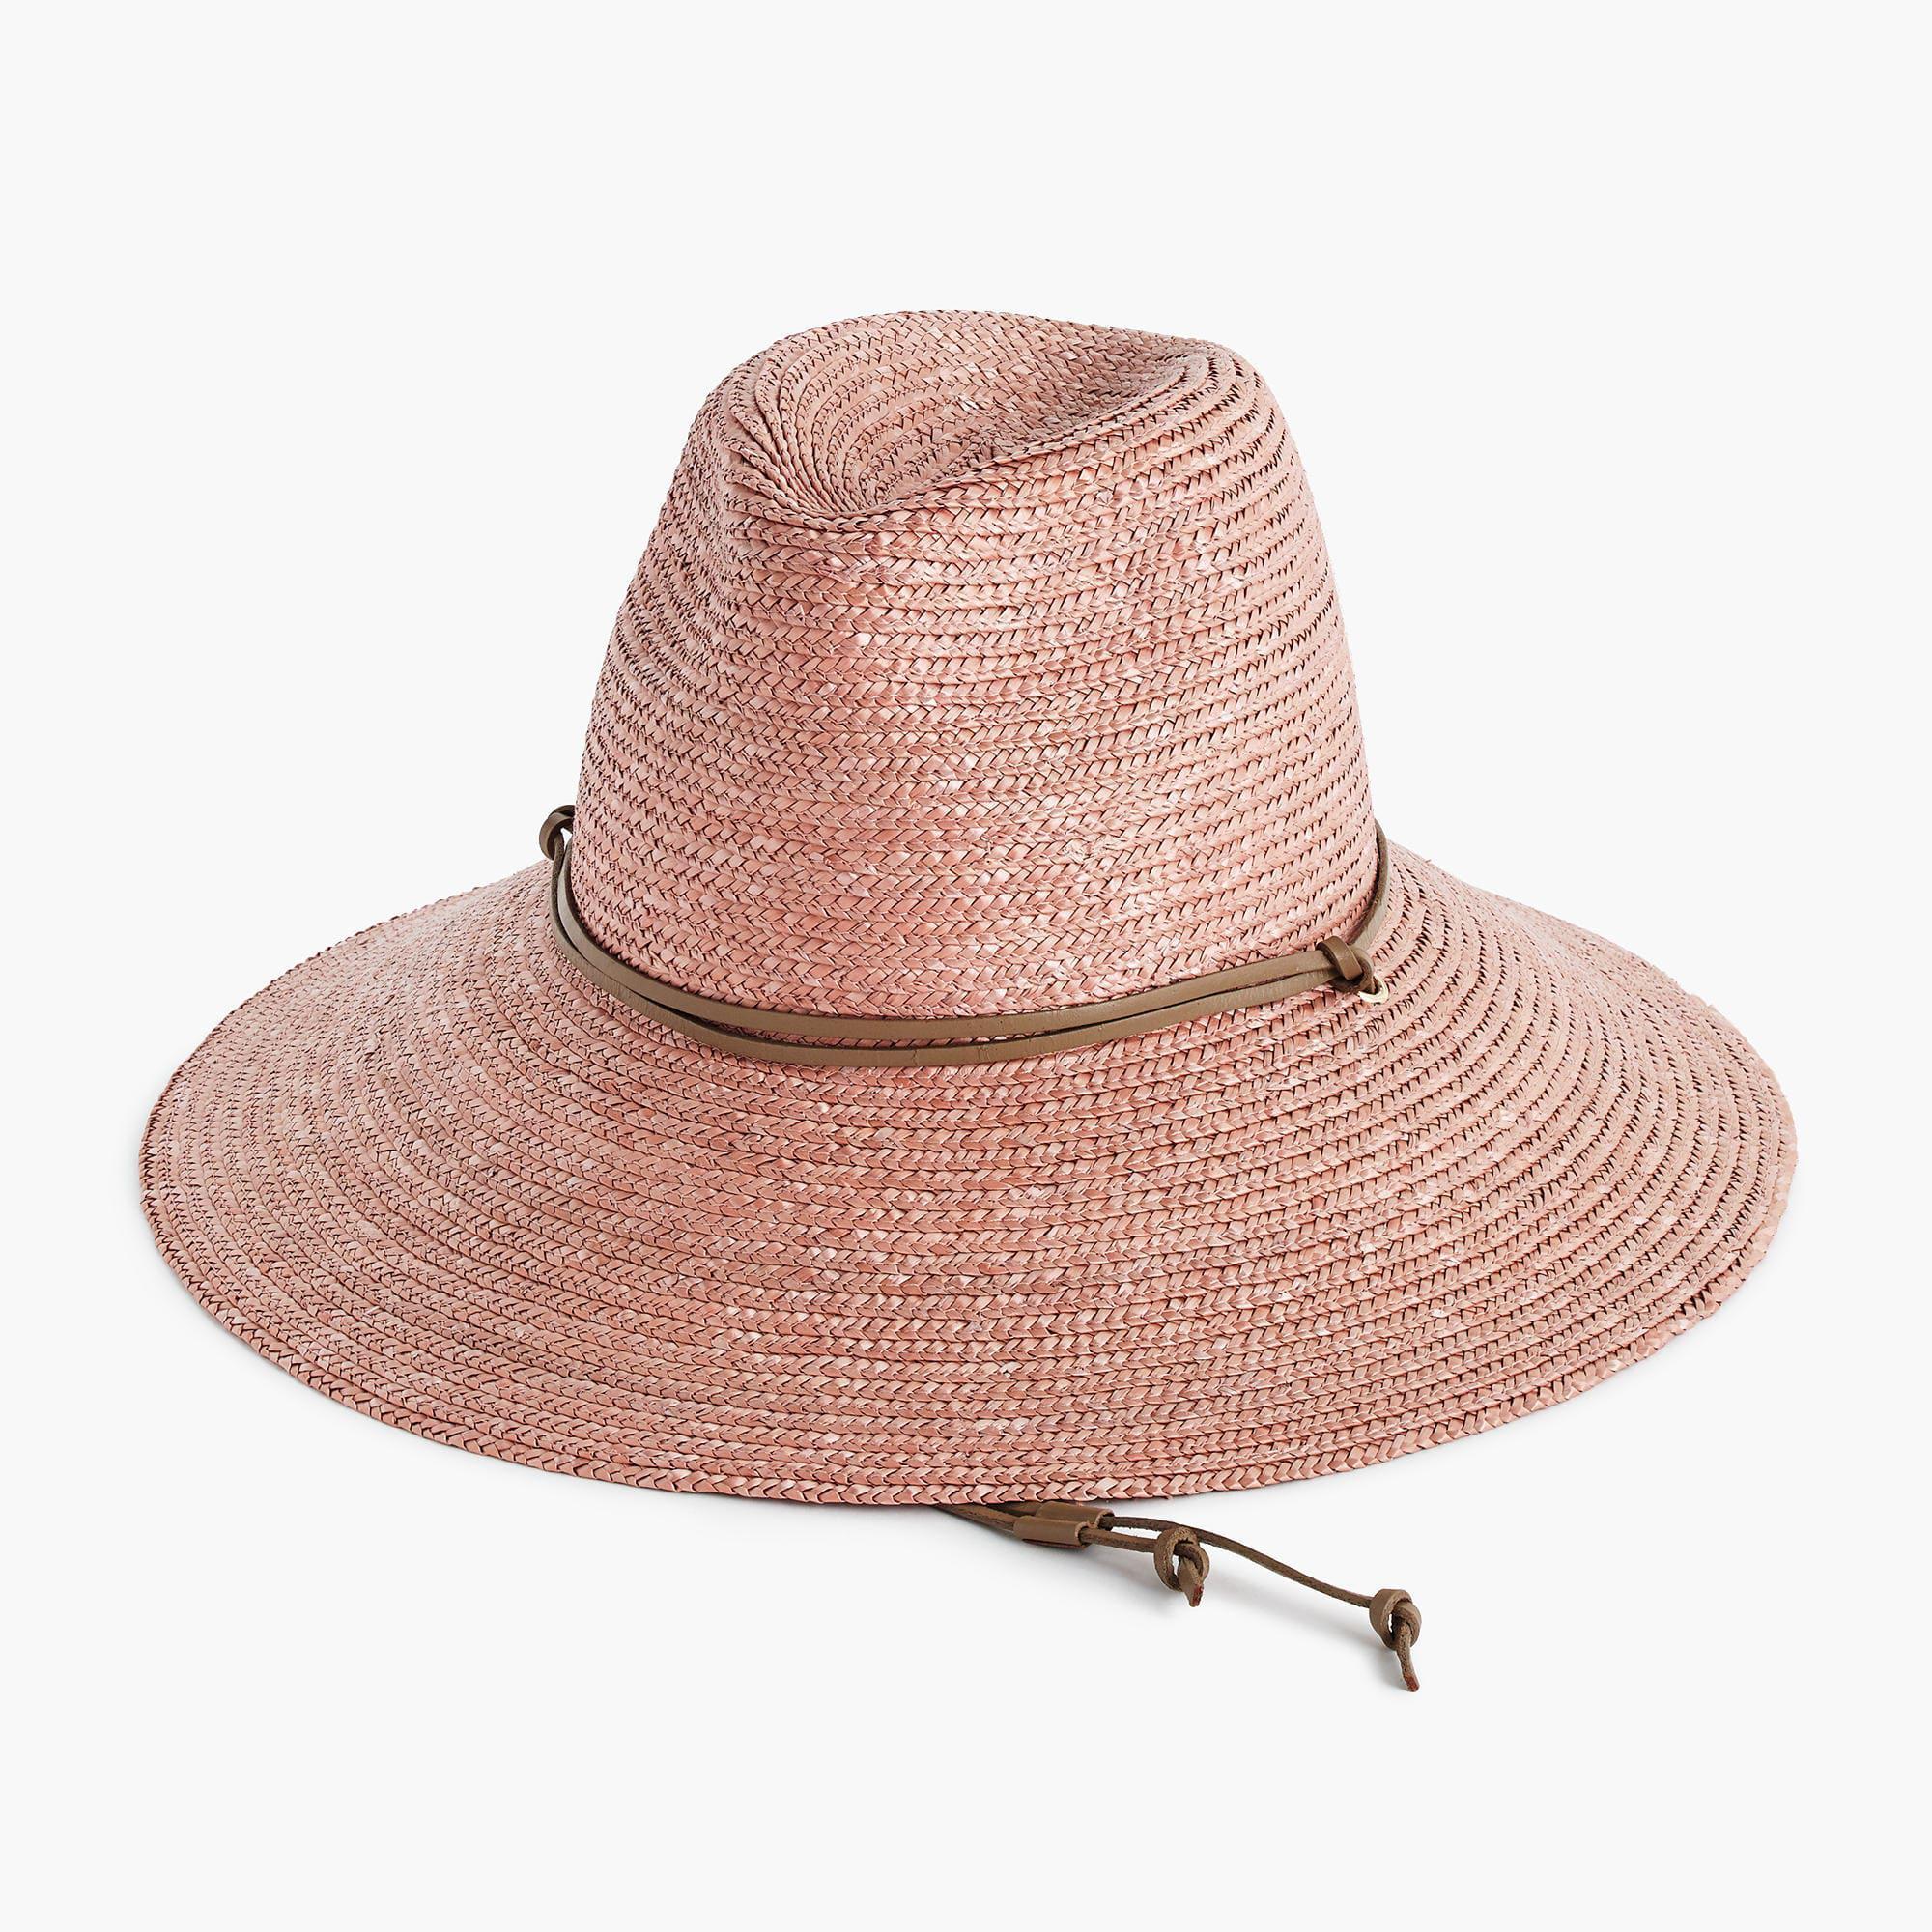 088ec8e4cbf48 J.Crew Wide-brim Hat With Leather Trim in Pink - Lyst